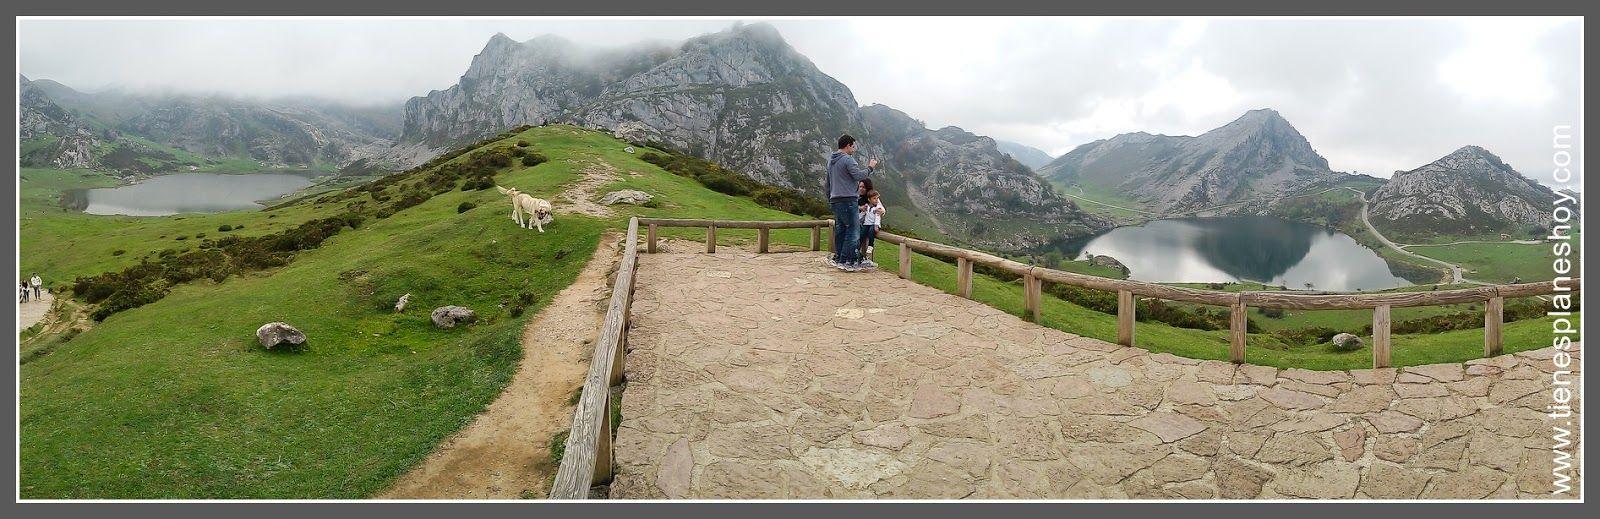 Ruta Lagos De Covadonga En Los Picos De Europa Lagos De Covadonga Picos De Europa Rutas De Senderismo